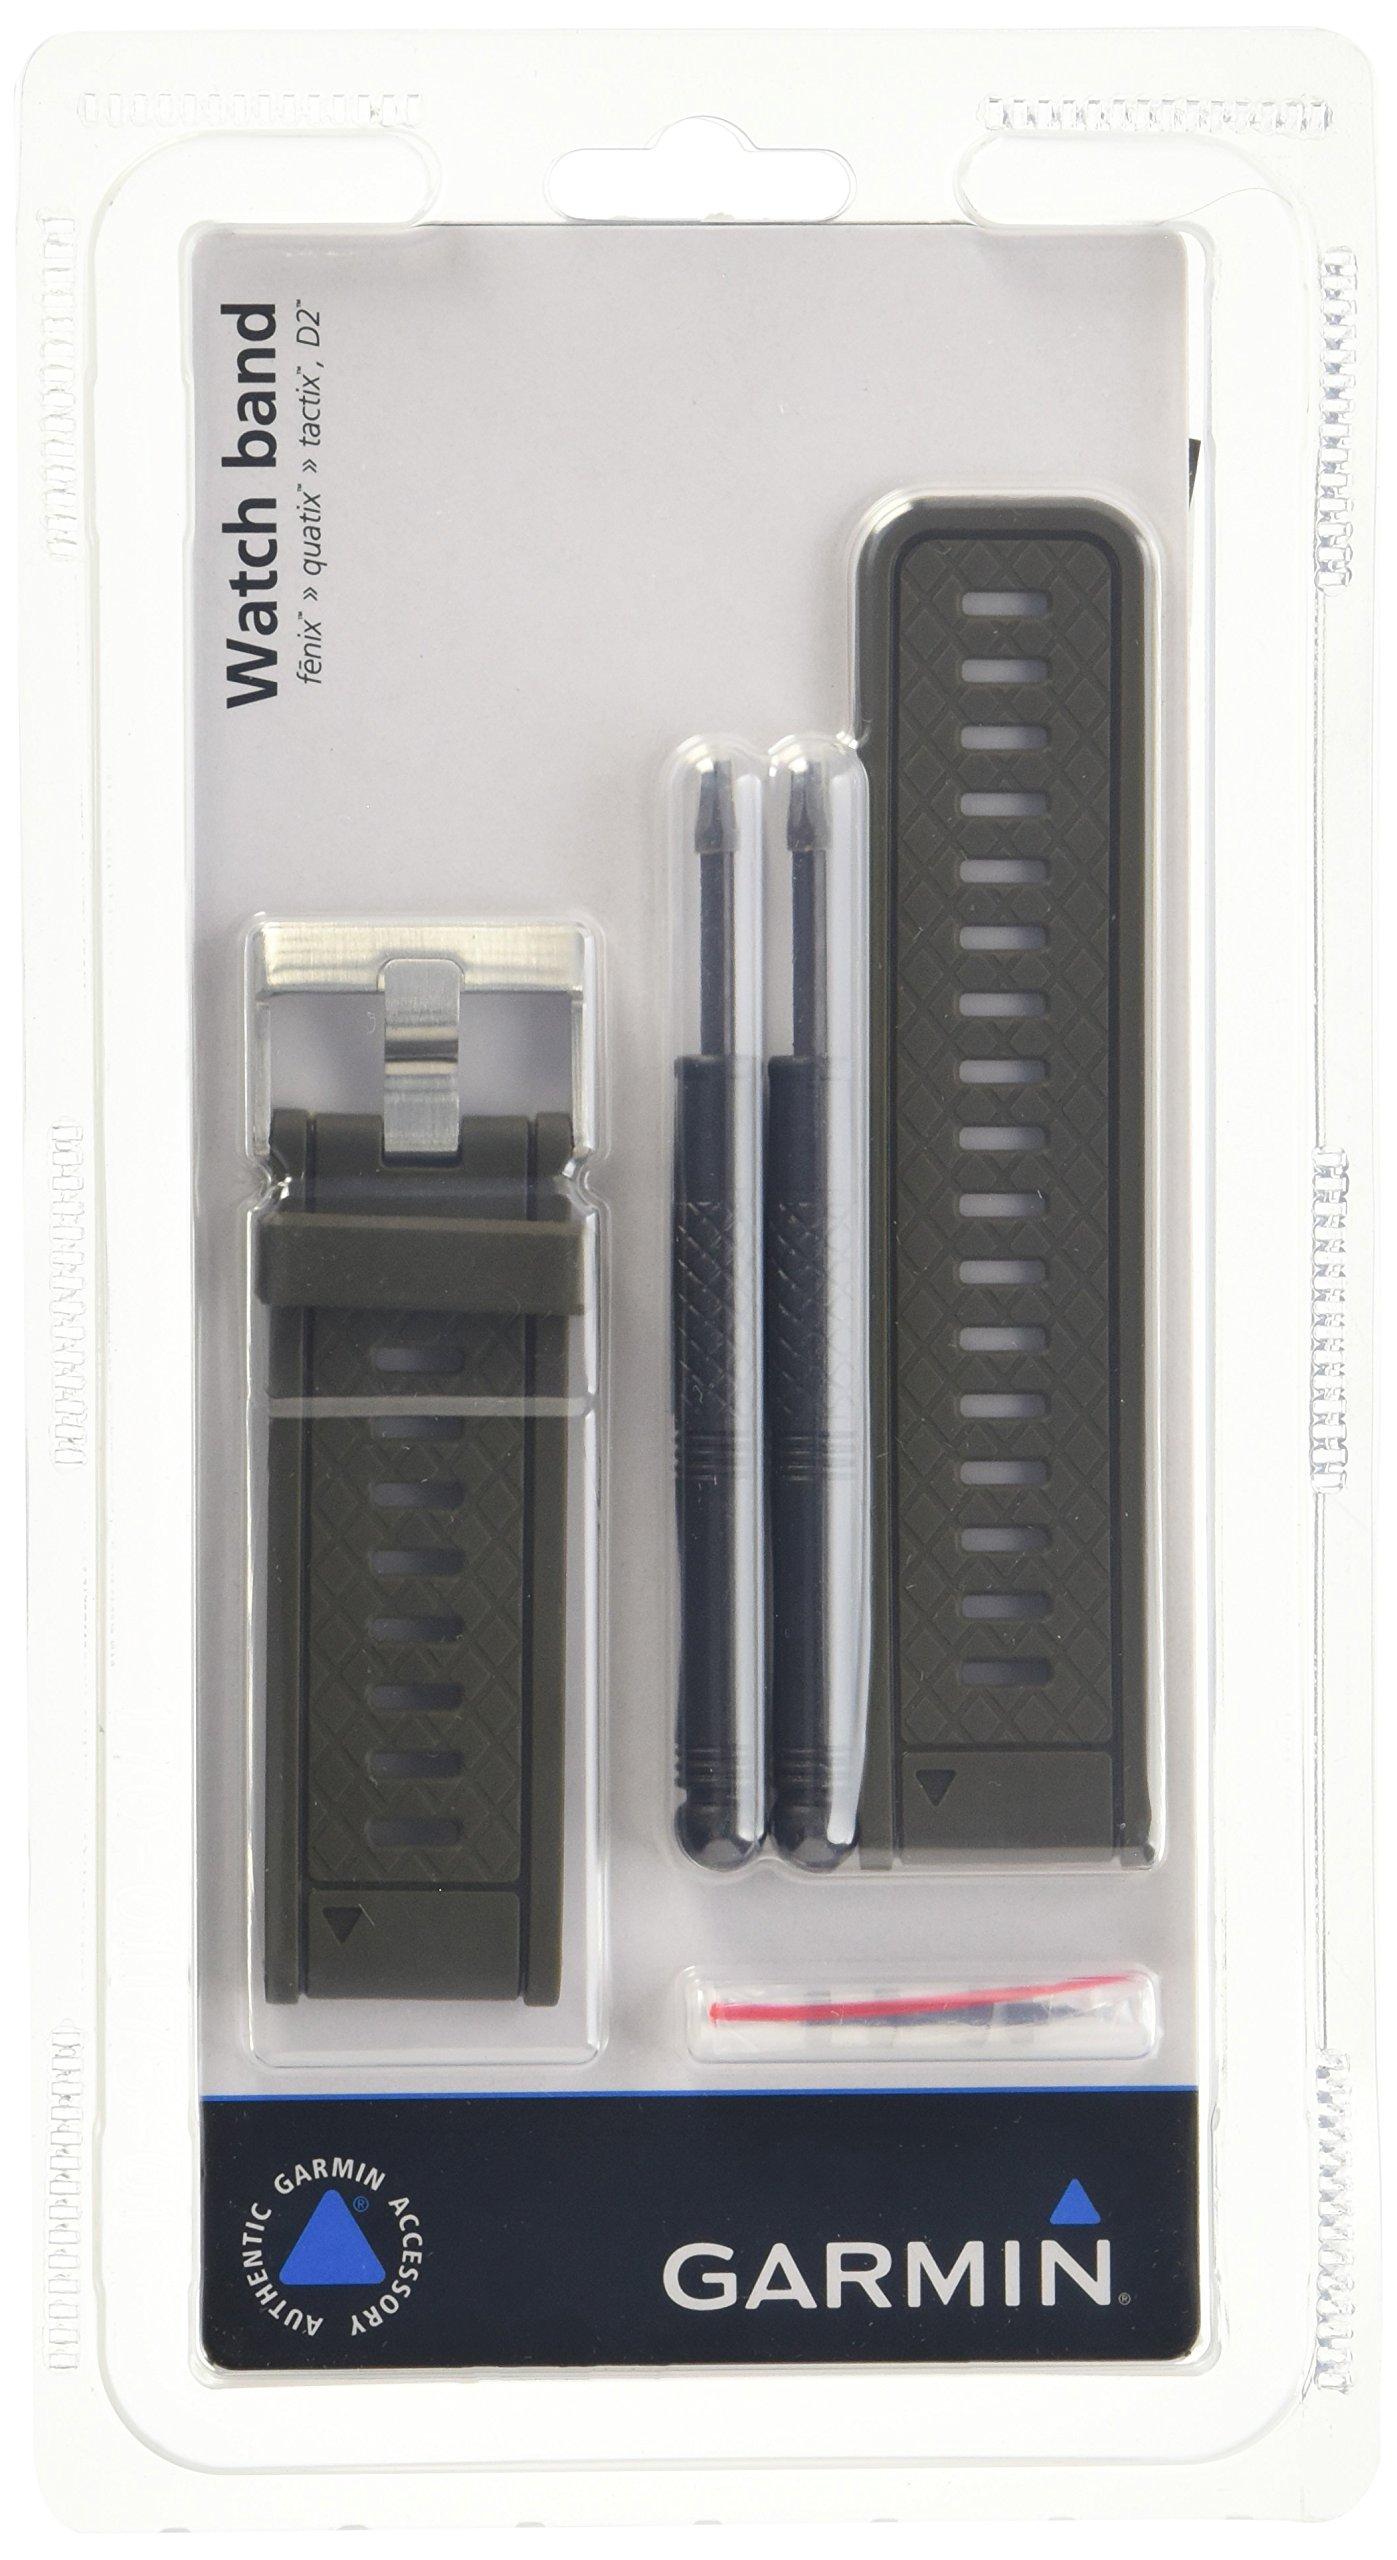 Garmin-Ersatzarmband-Oliv-Fenix-Quatix-Tactix-010-118